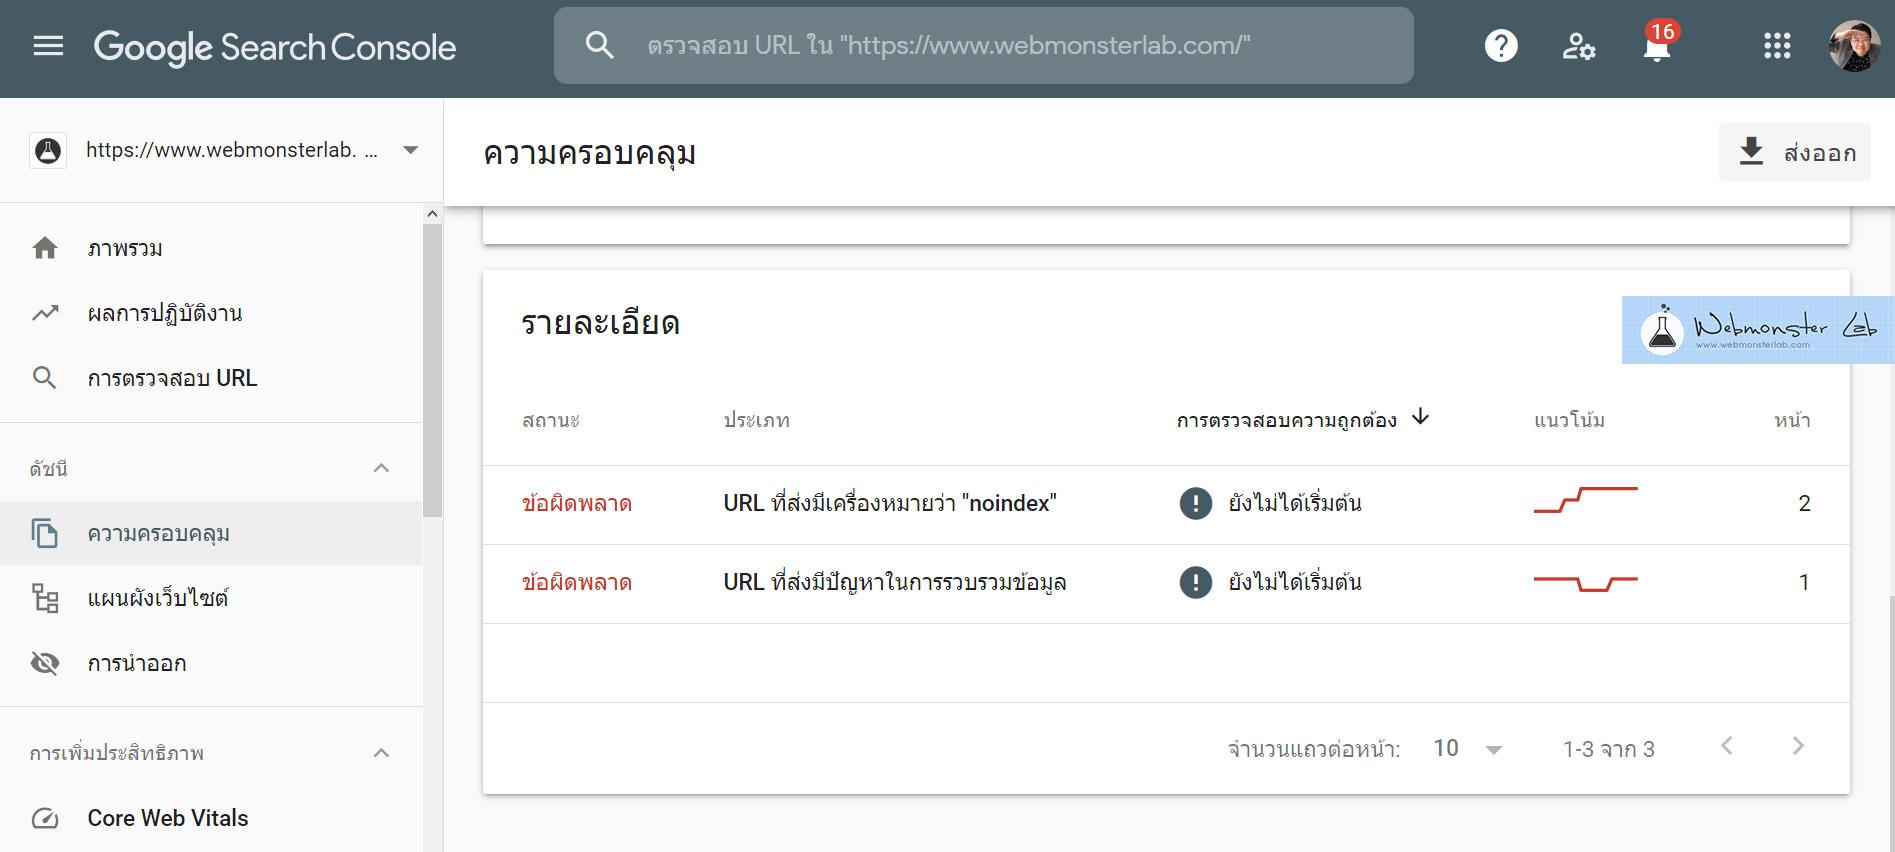 ทำไมเว็บไซต์จึงต้องการ Webmaster - Google Search Console